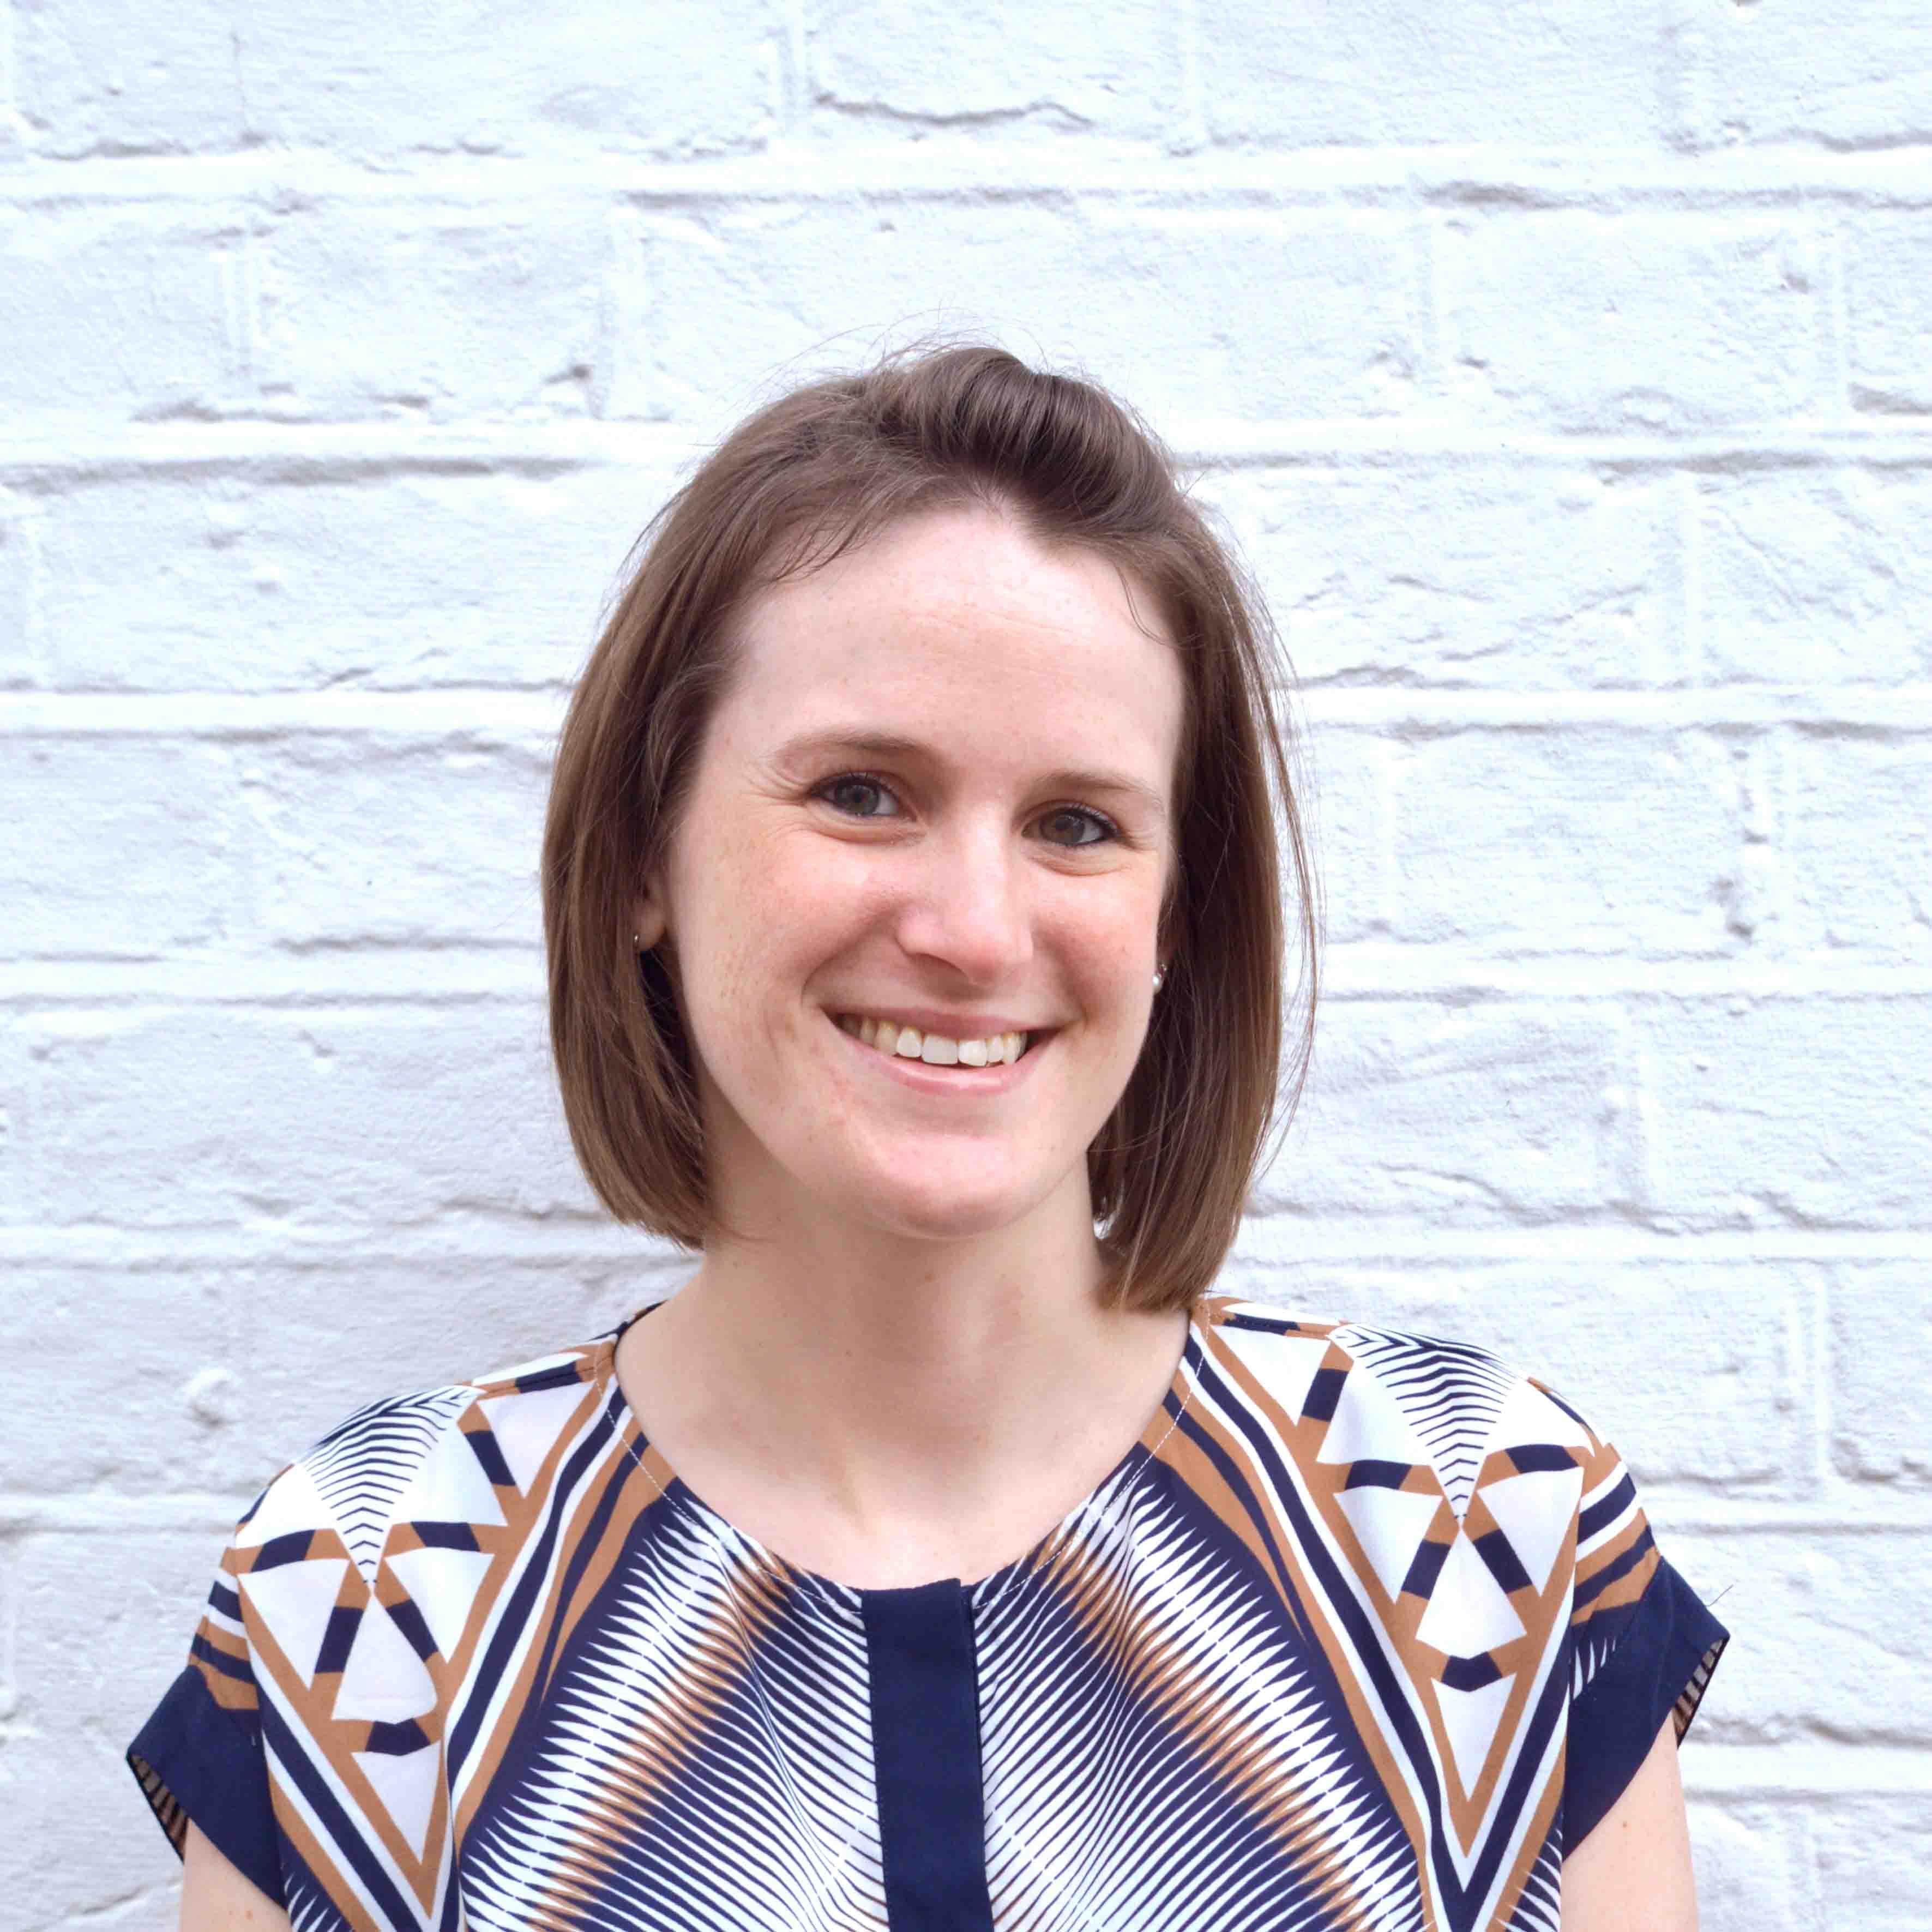 Katie McEvoy